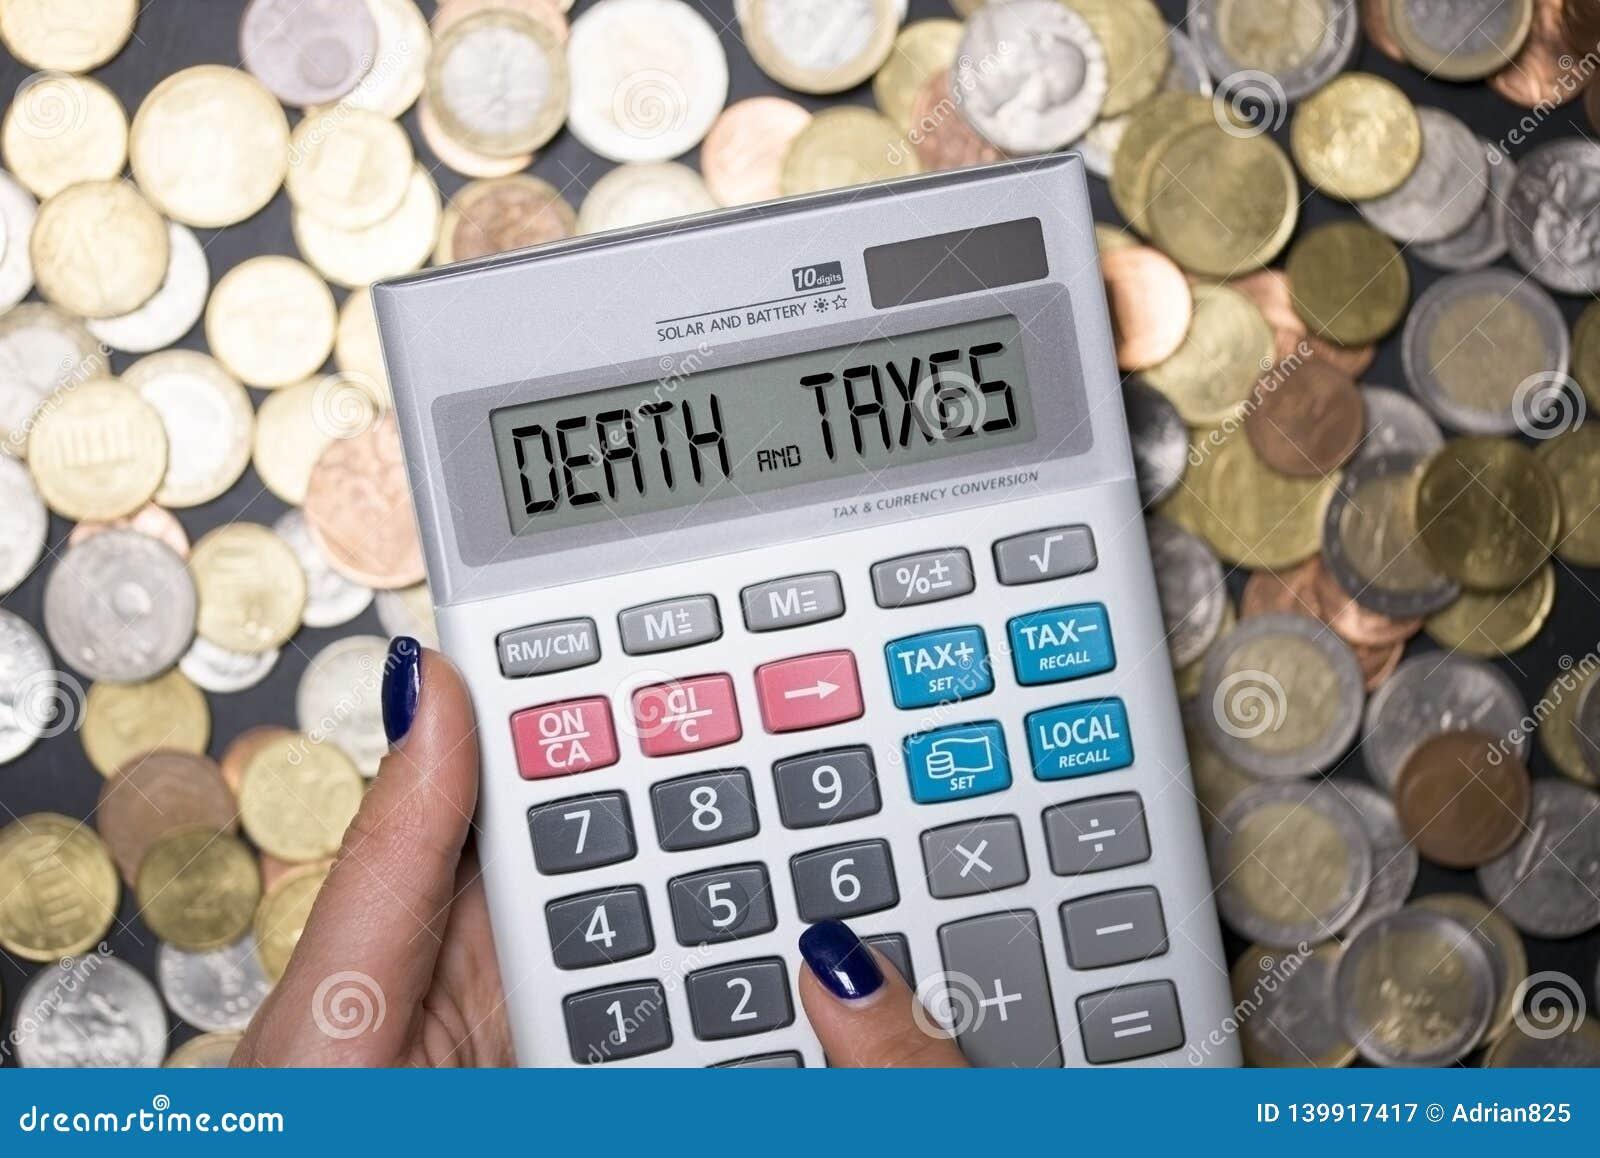 Śmierci i podatków zwrot na calculator's pokazie, sugeruje, Angielski wyrażenie że nic jest pewny, śmierci ale podatku